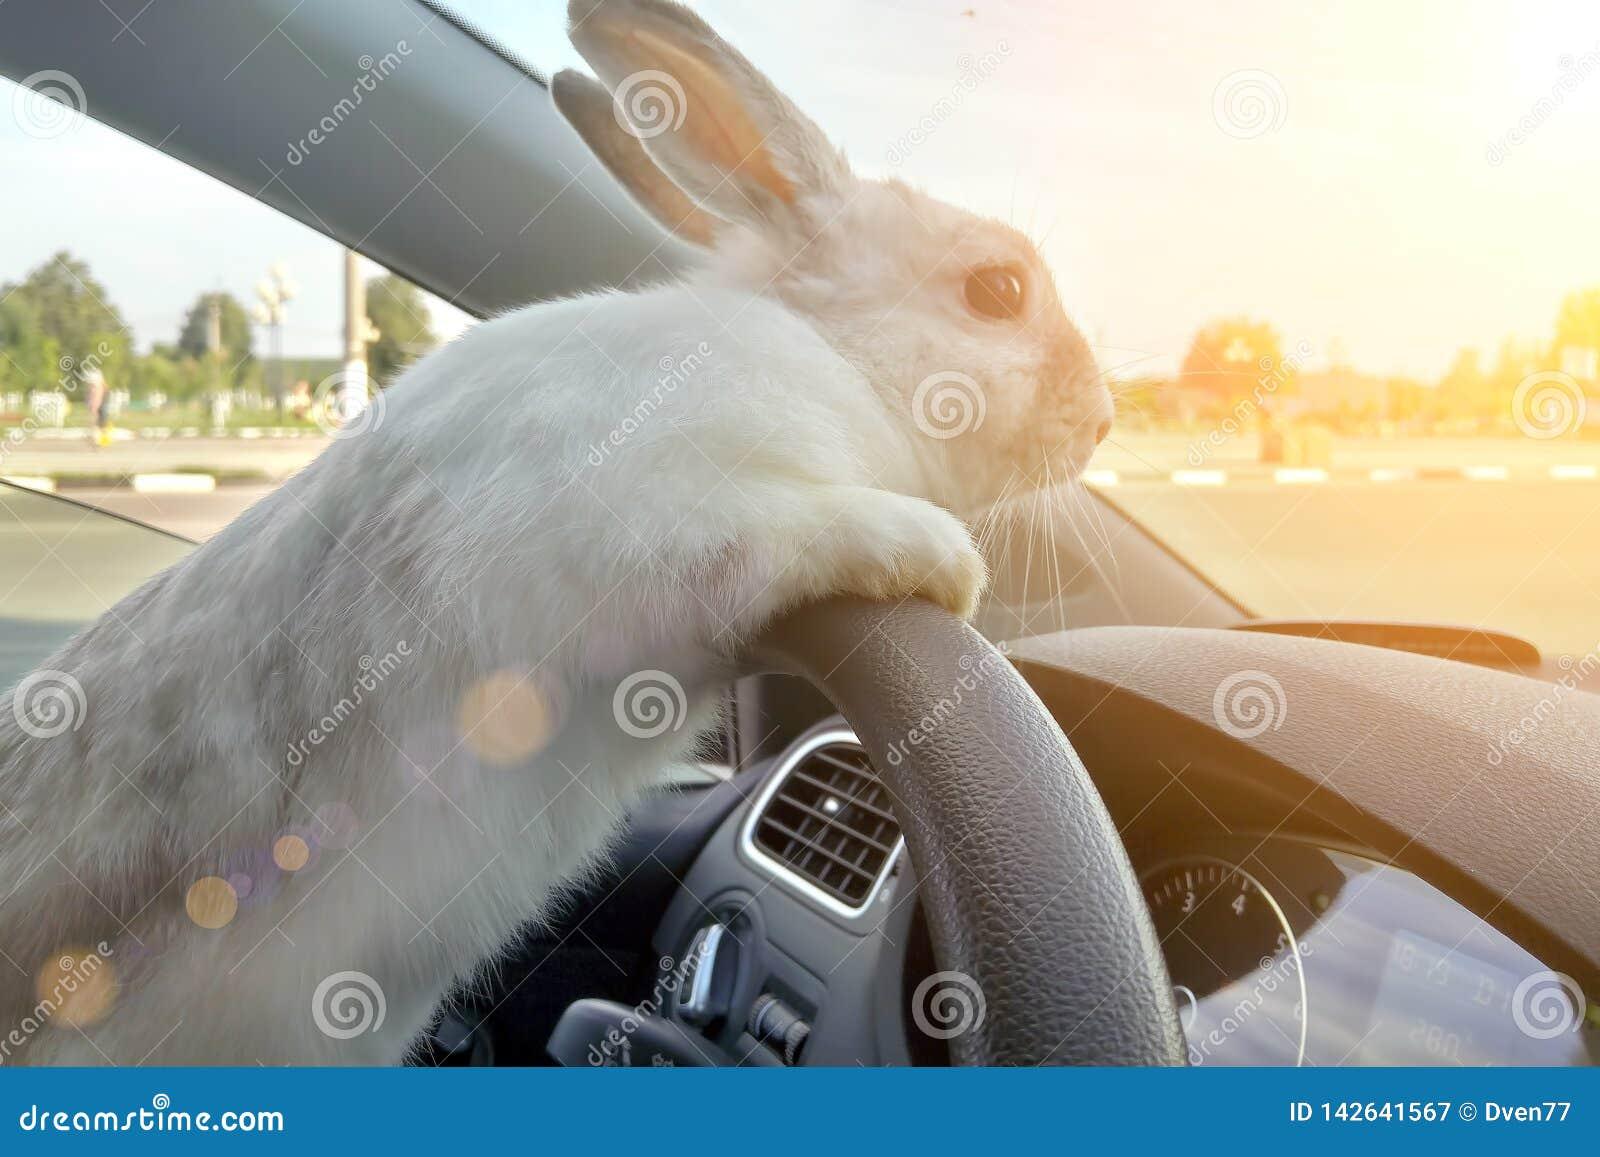 Le lapin conduit une voiture, il est au siège conducteur derrière le volant Conducteur de lièvres Tours blancs de lapin de Pâques